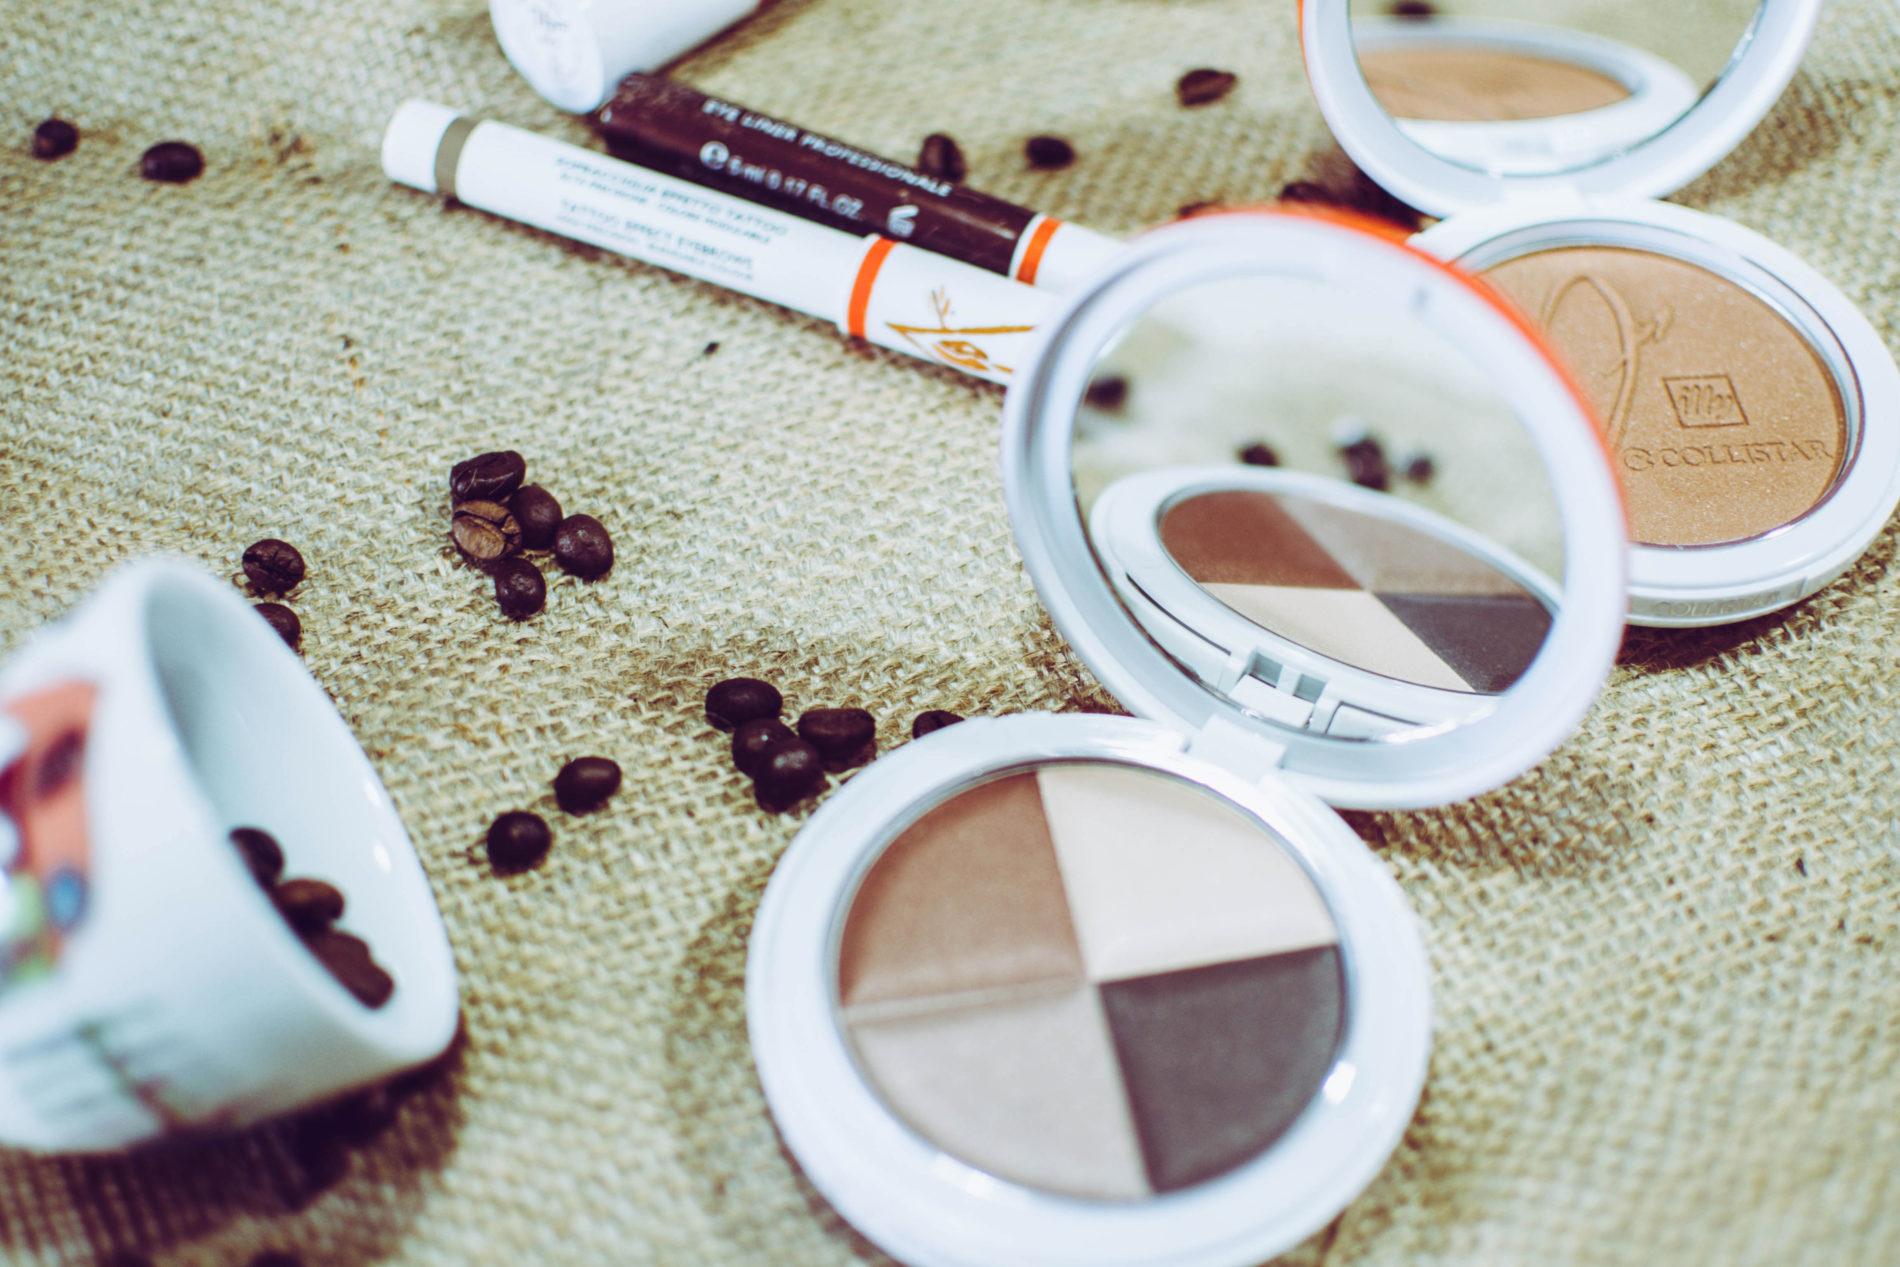 collezione collistar e Illy caffè